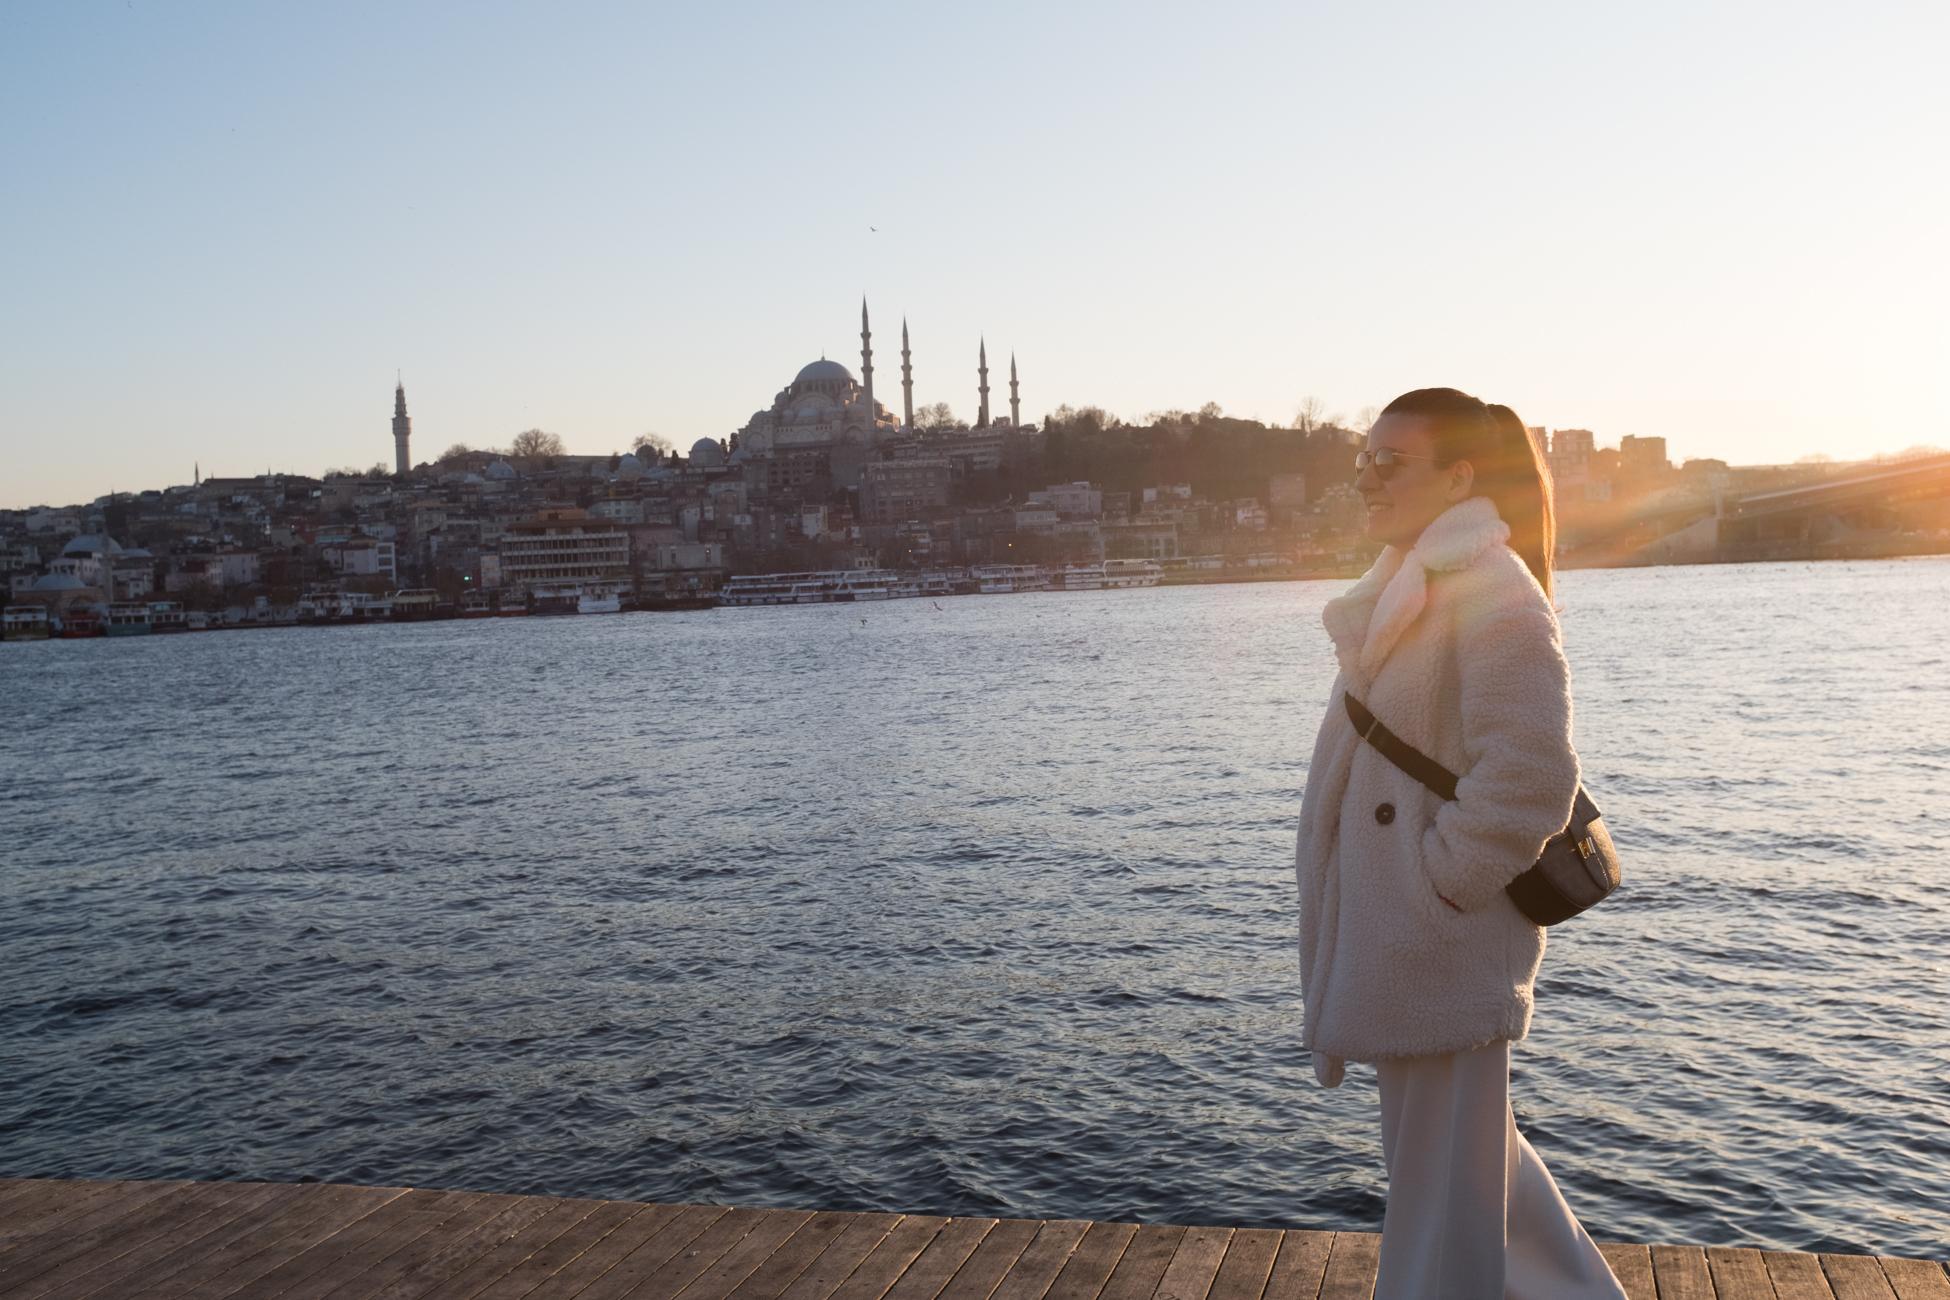 """Istanbul resident Pınar Kartal, 33 (shown here along the Bosphorus), is an engineer who has been unemployed for eighteen months, like 16.6 percent of Turkish women. Rather than staying at home watching """"housewife TV programs,"""" as she calls them, Pınar takes one language course after another. Habitante d'Istanbul, Pınar Kartal, 33 ans (ici le long du Bosphore), est une ingénieure au chômage depuis dix-huit mois, comme 16,6 % des femmes turques. Plutôt que de rester rester à la maison devant «les programmes télévisés pour femmes au foyer», comme elle les appelle, Pınar enchaîne les cours de langue."""